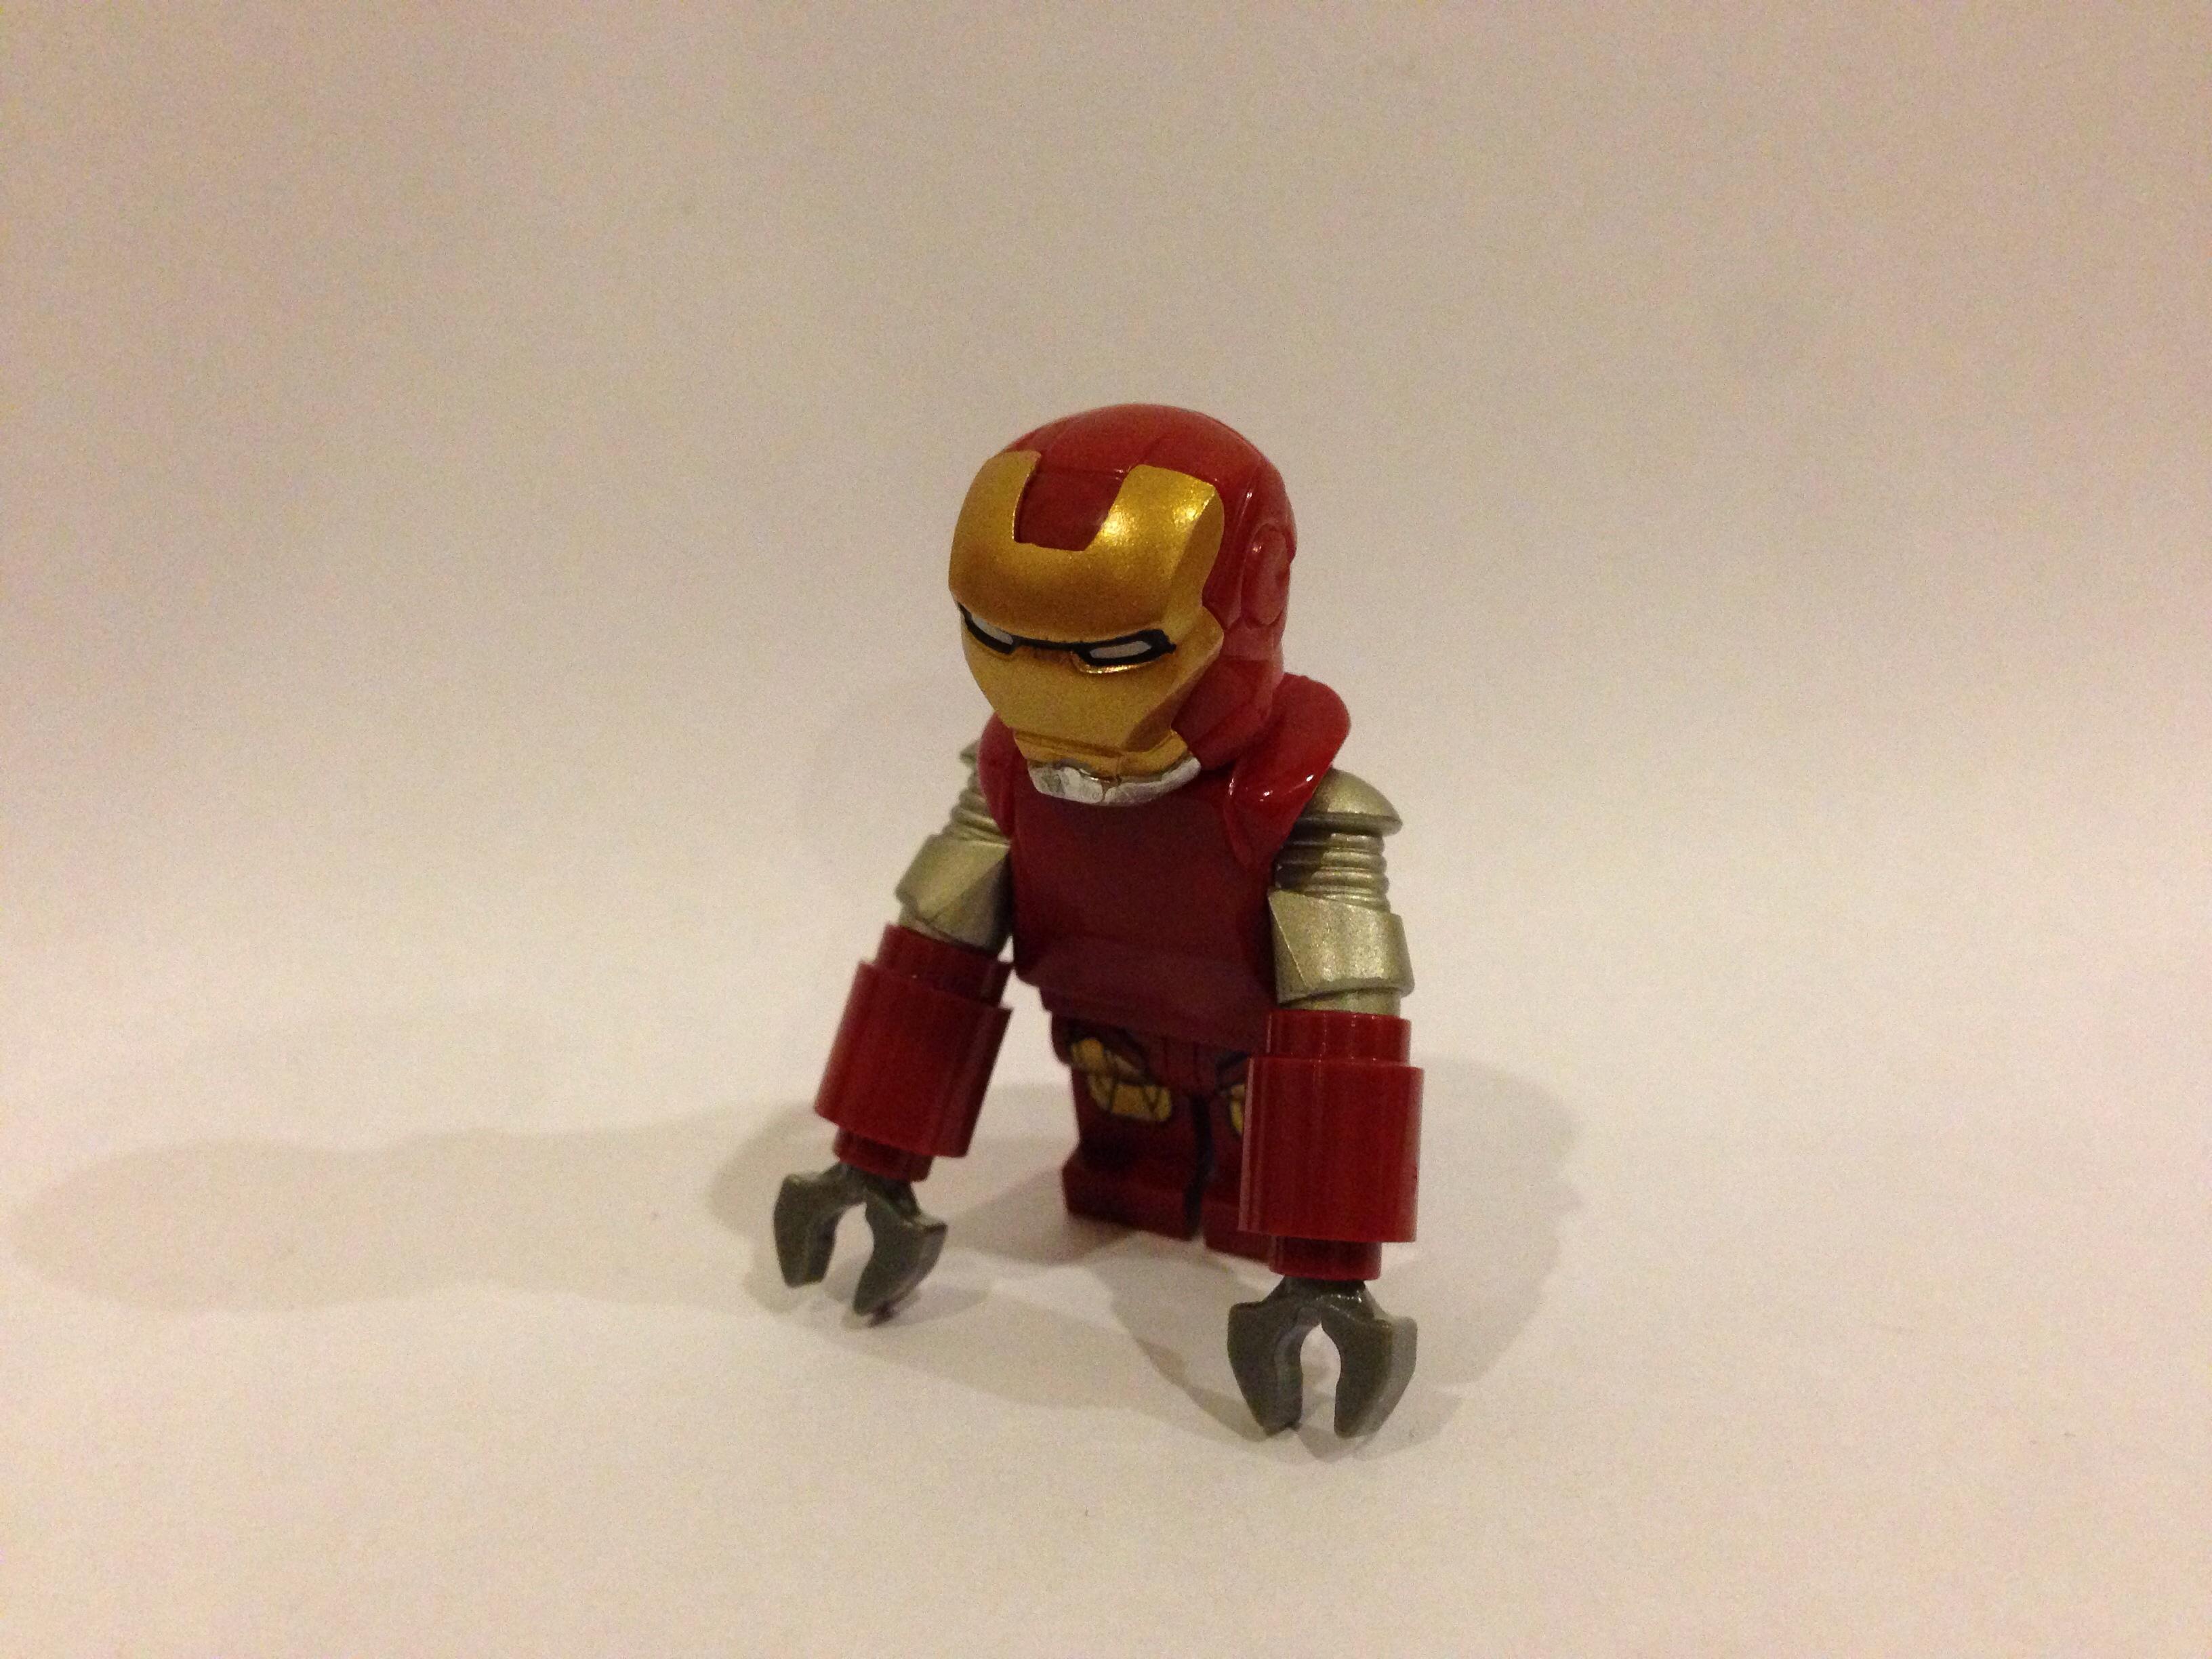 デスクトップ壁紙 レゴ おもちゃ 春 Ios カスタム 新しい その